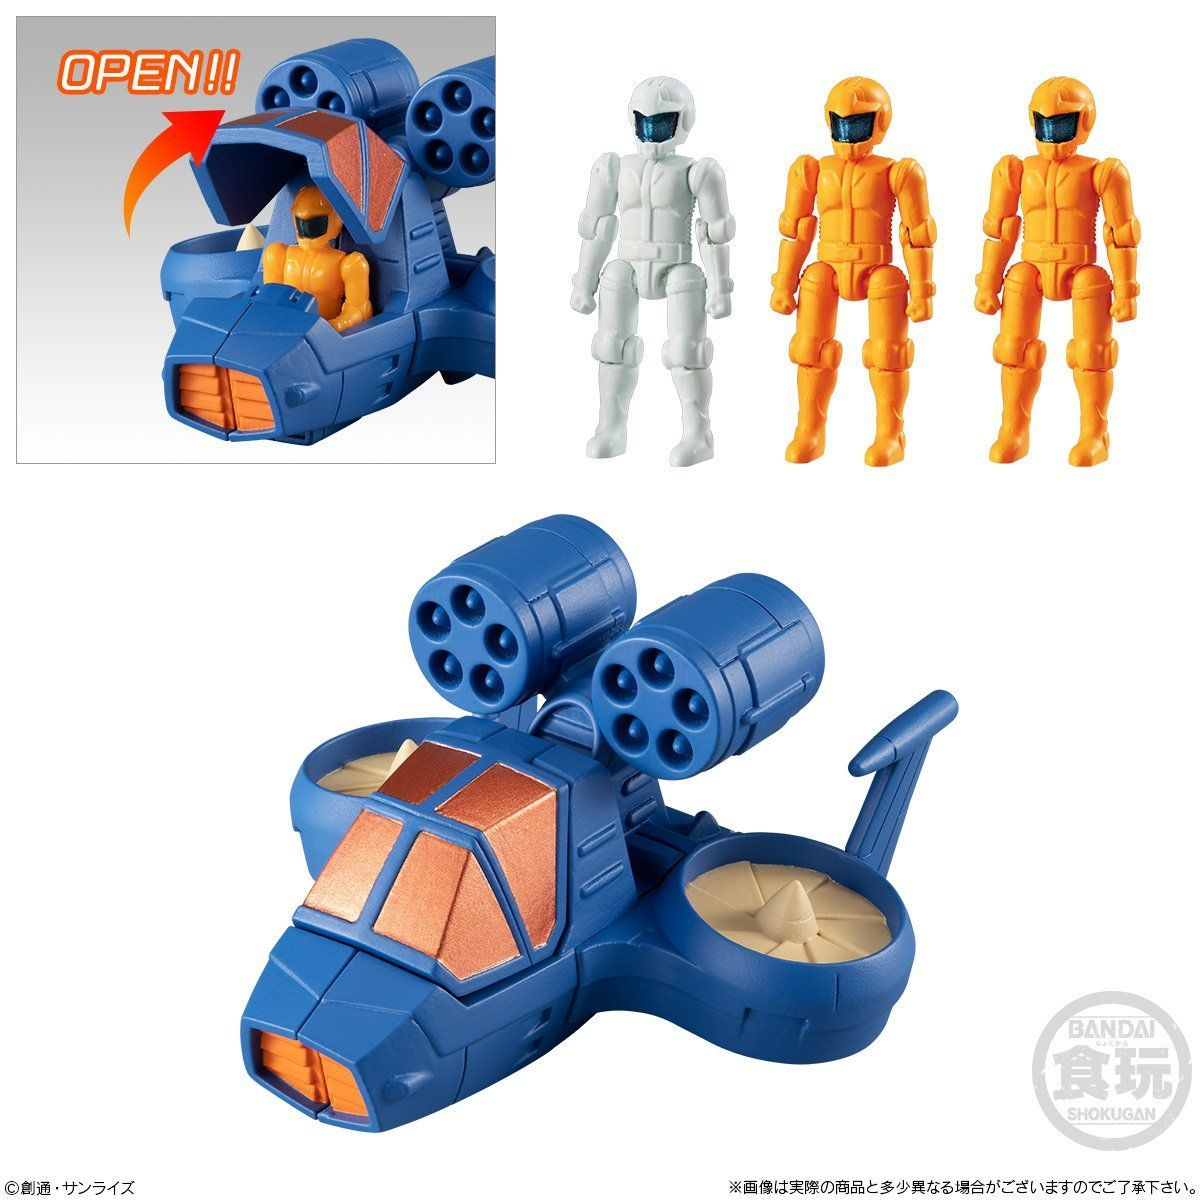 【食玩】機動戦士ガンダム『マイクロウォーズ5』10個入りBOX-004